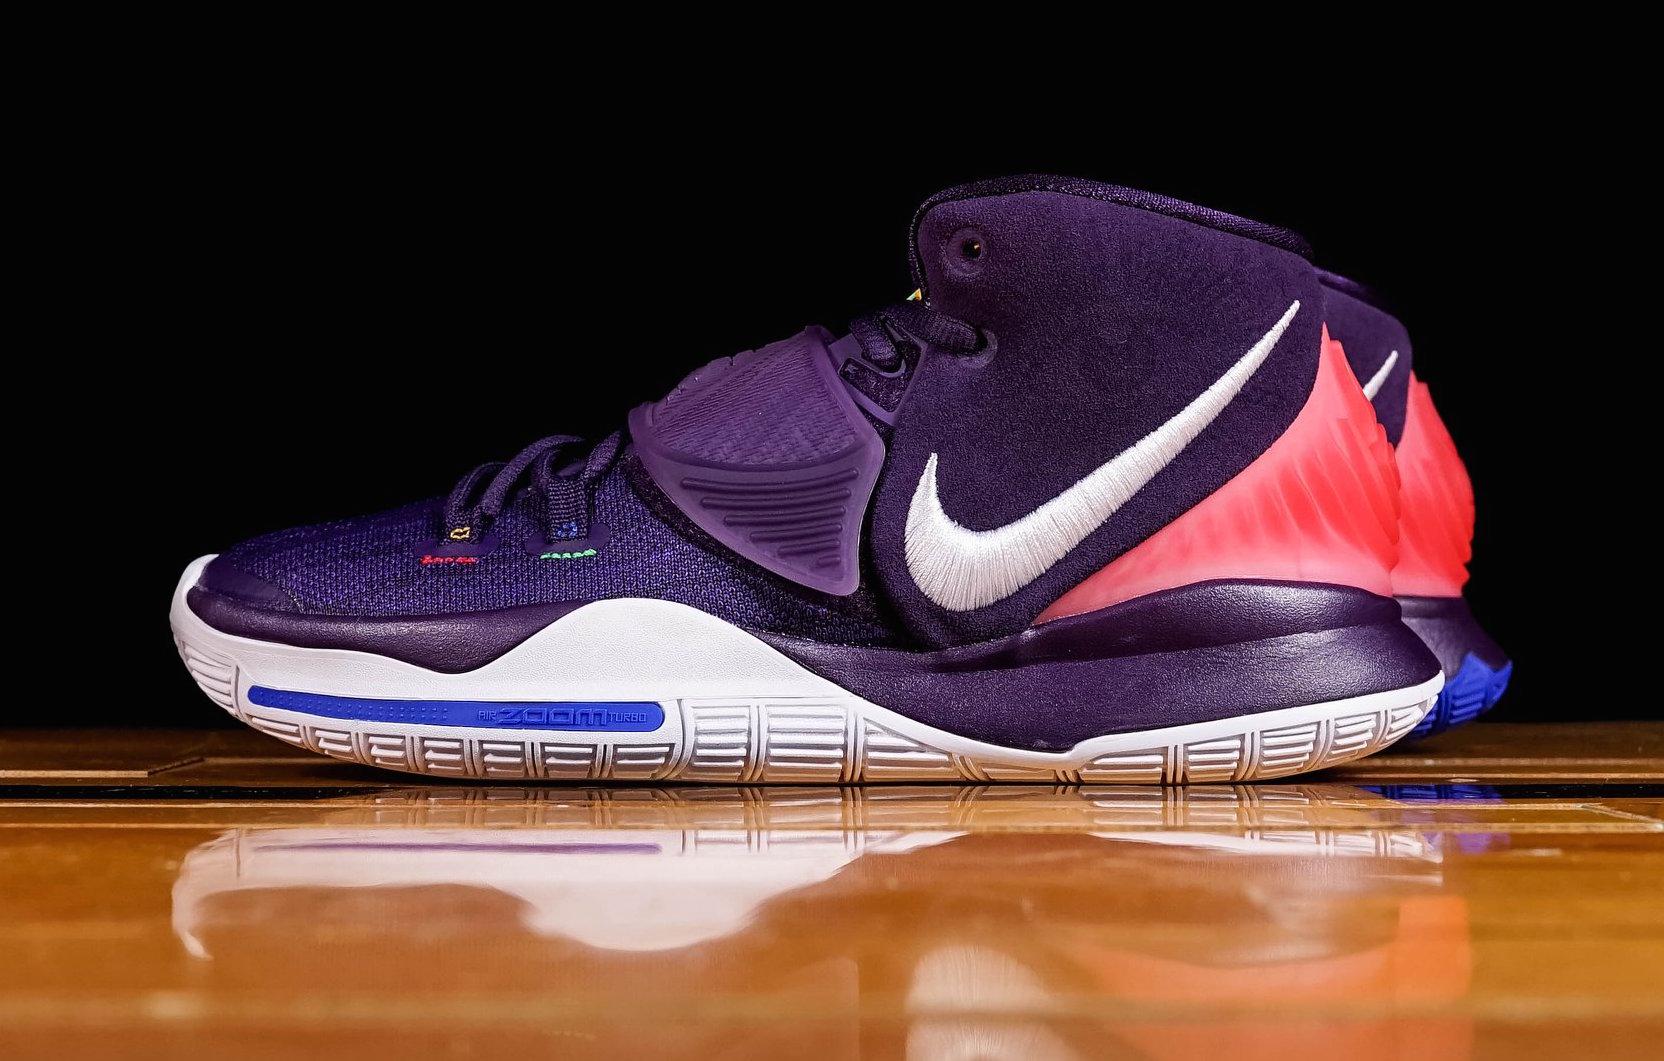 Nike Kyrie 6 Enlightenment Debuting This Week